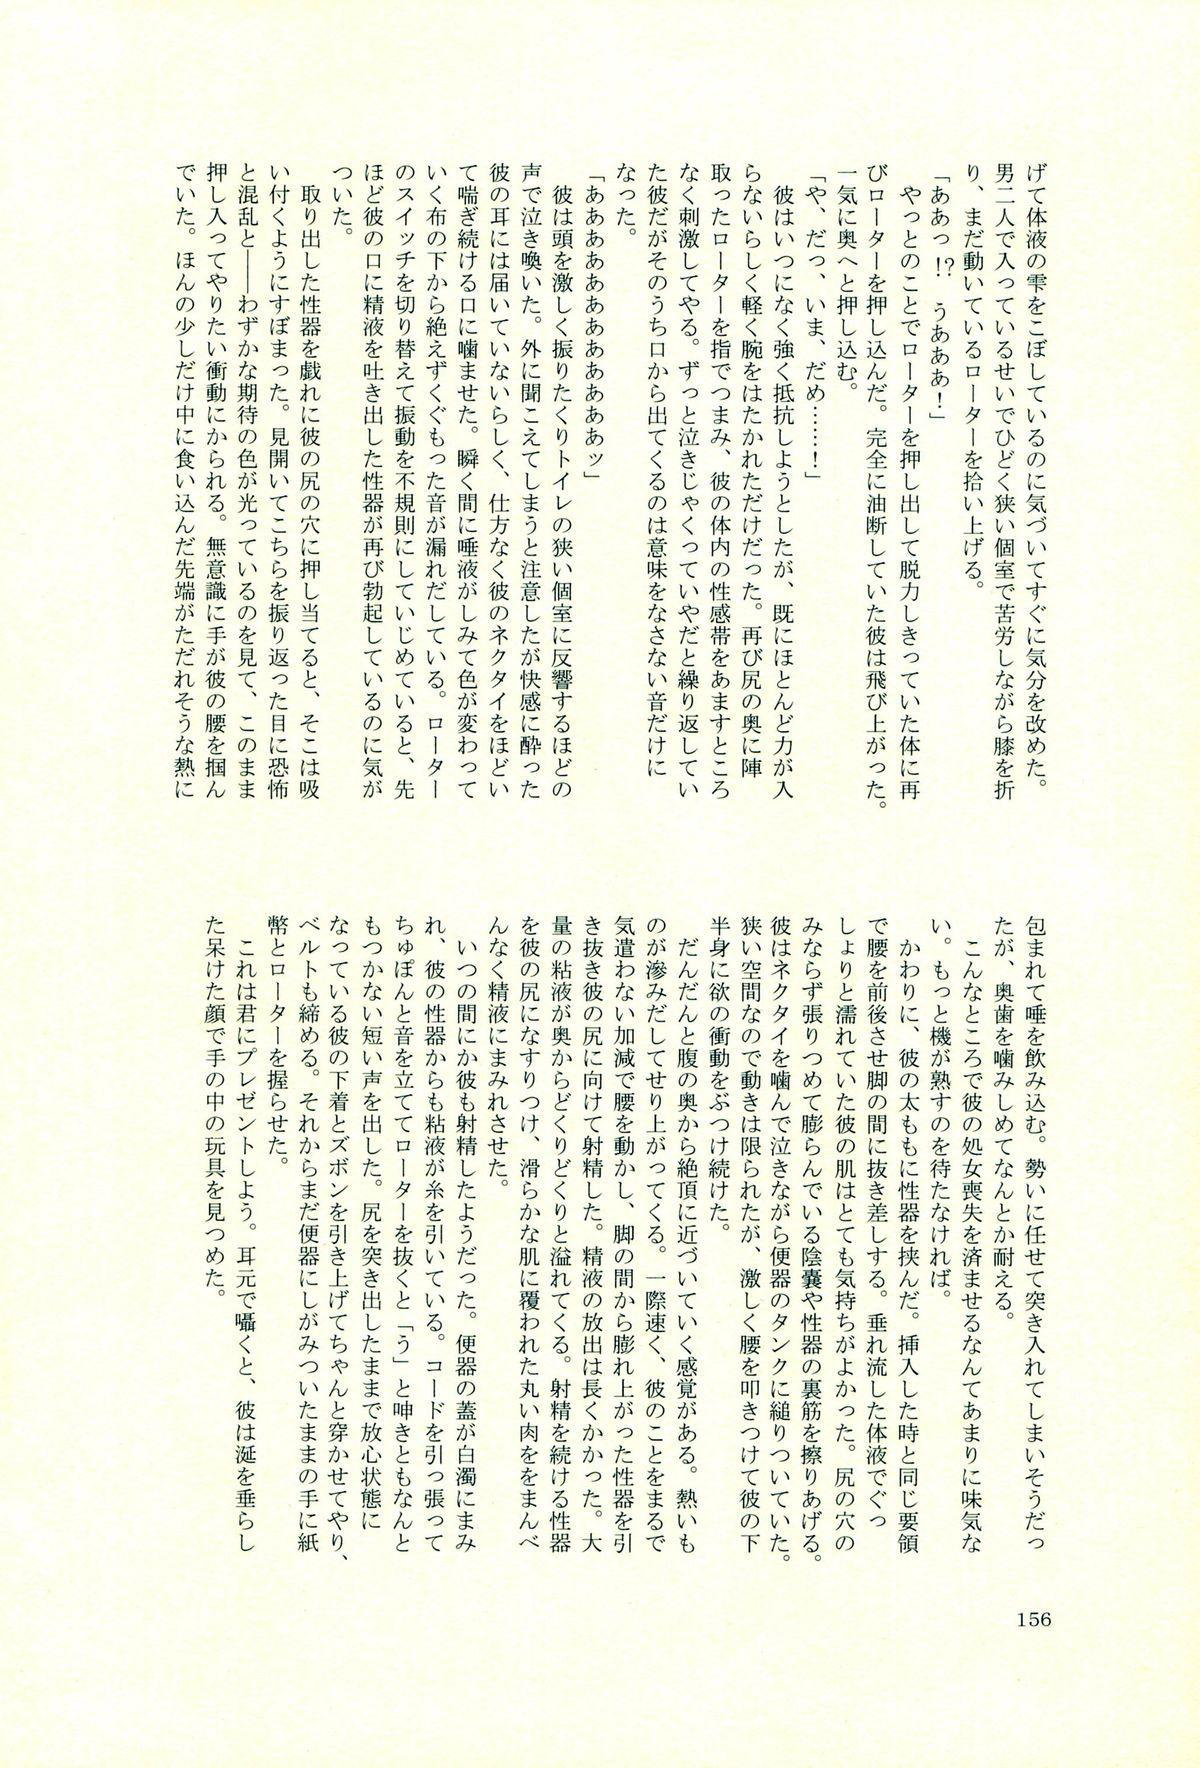 Hinata Hajime no Himitsu no Jikan 154